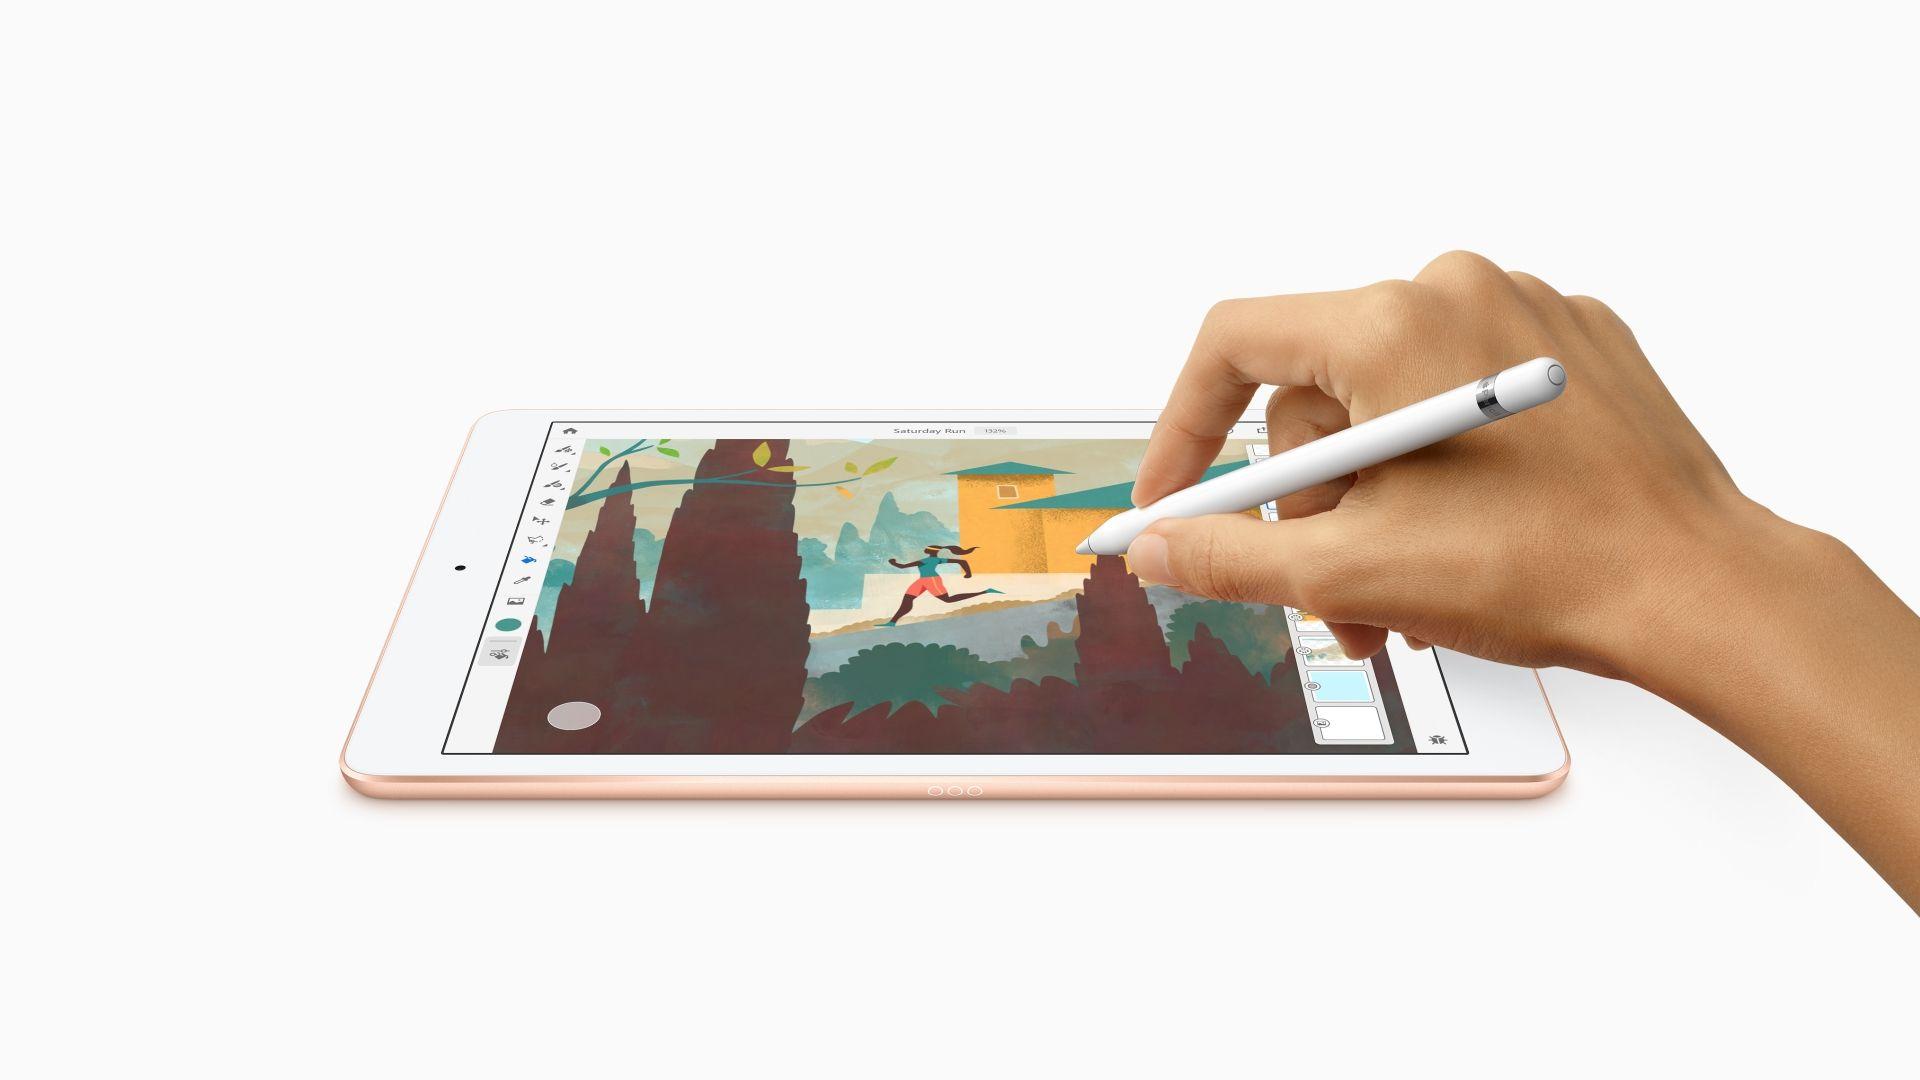 Odświeżona wersja iPada z procesorem A12 w 2020 roku